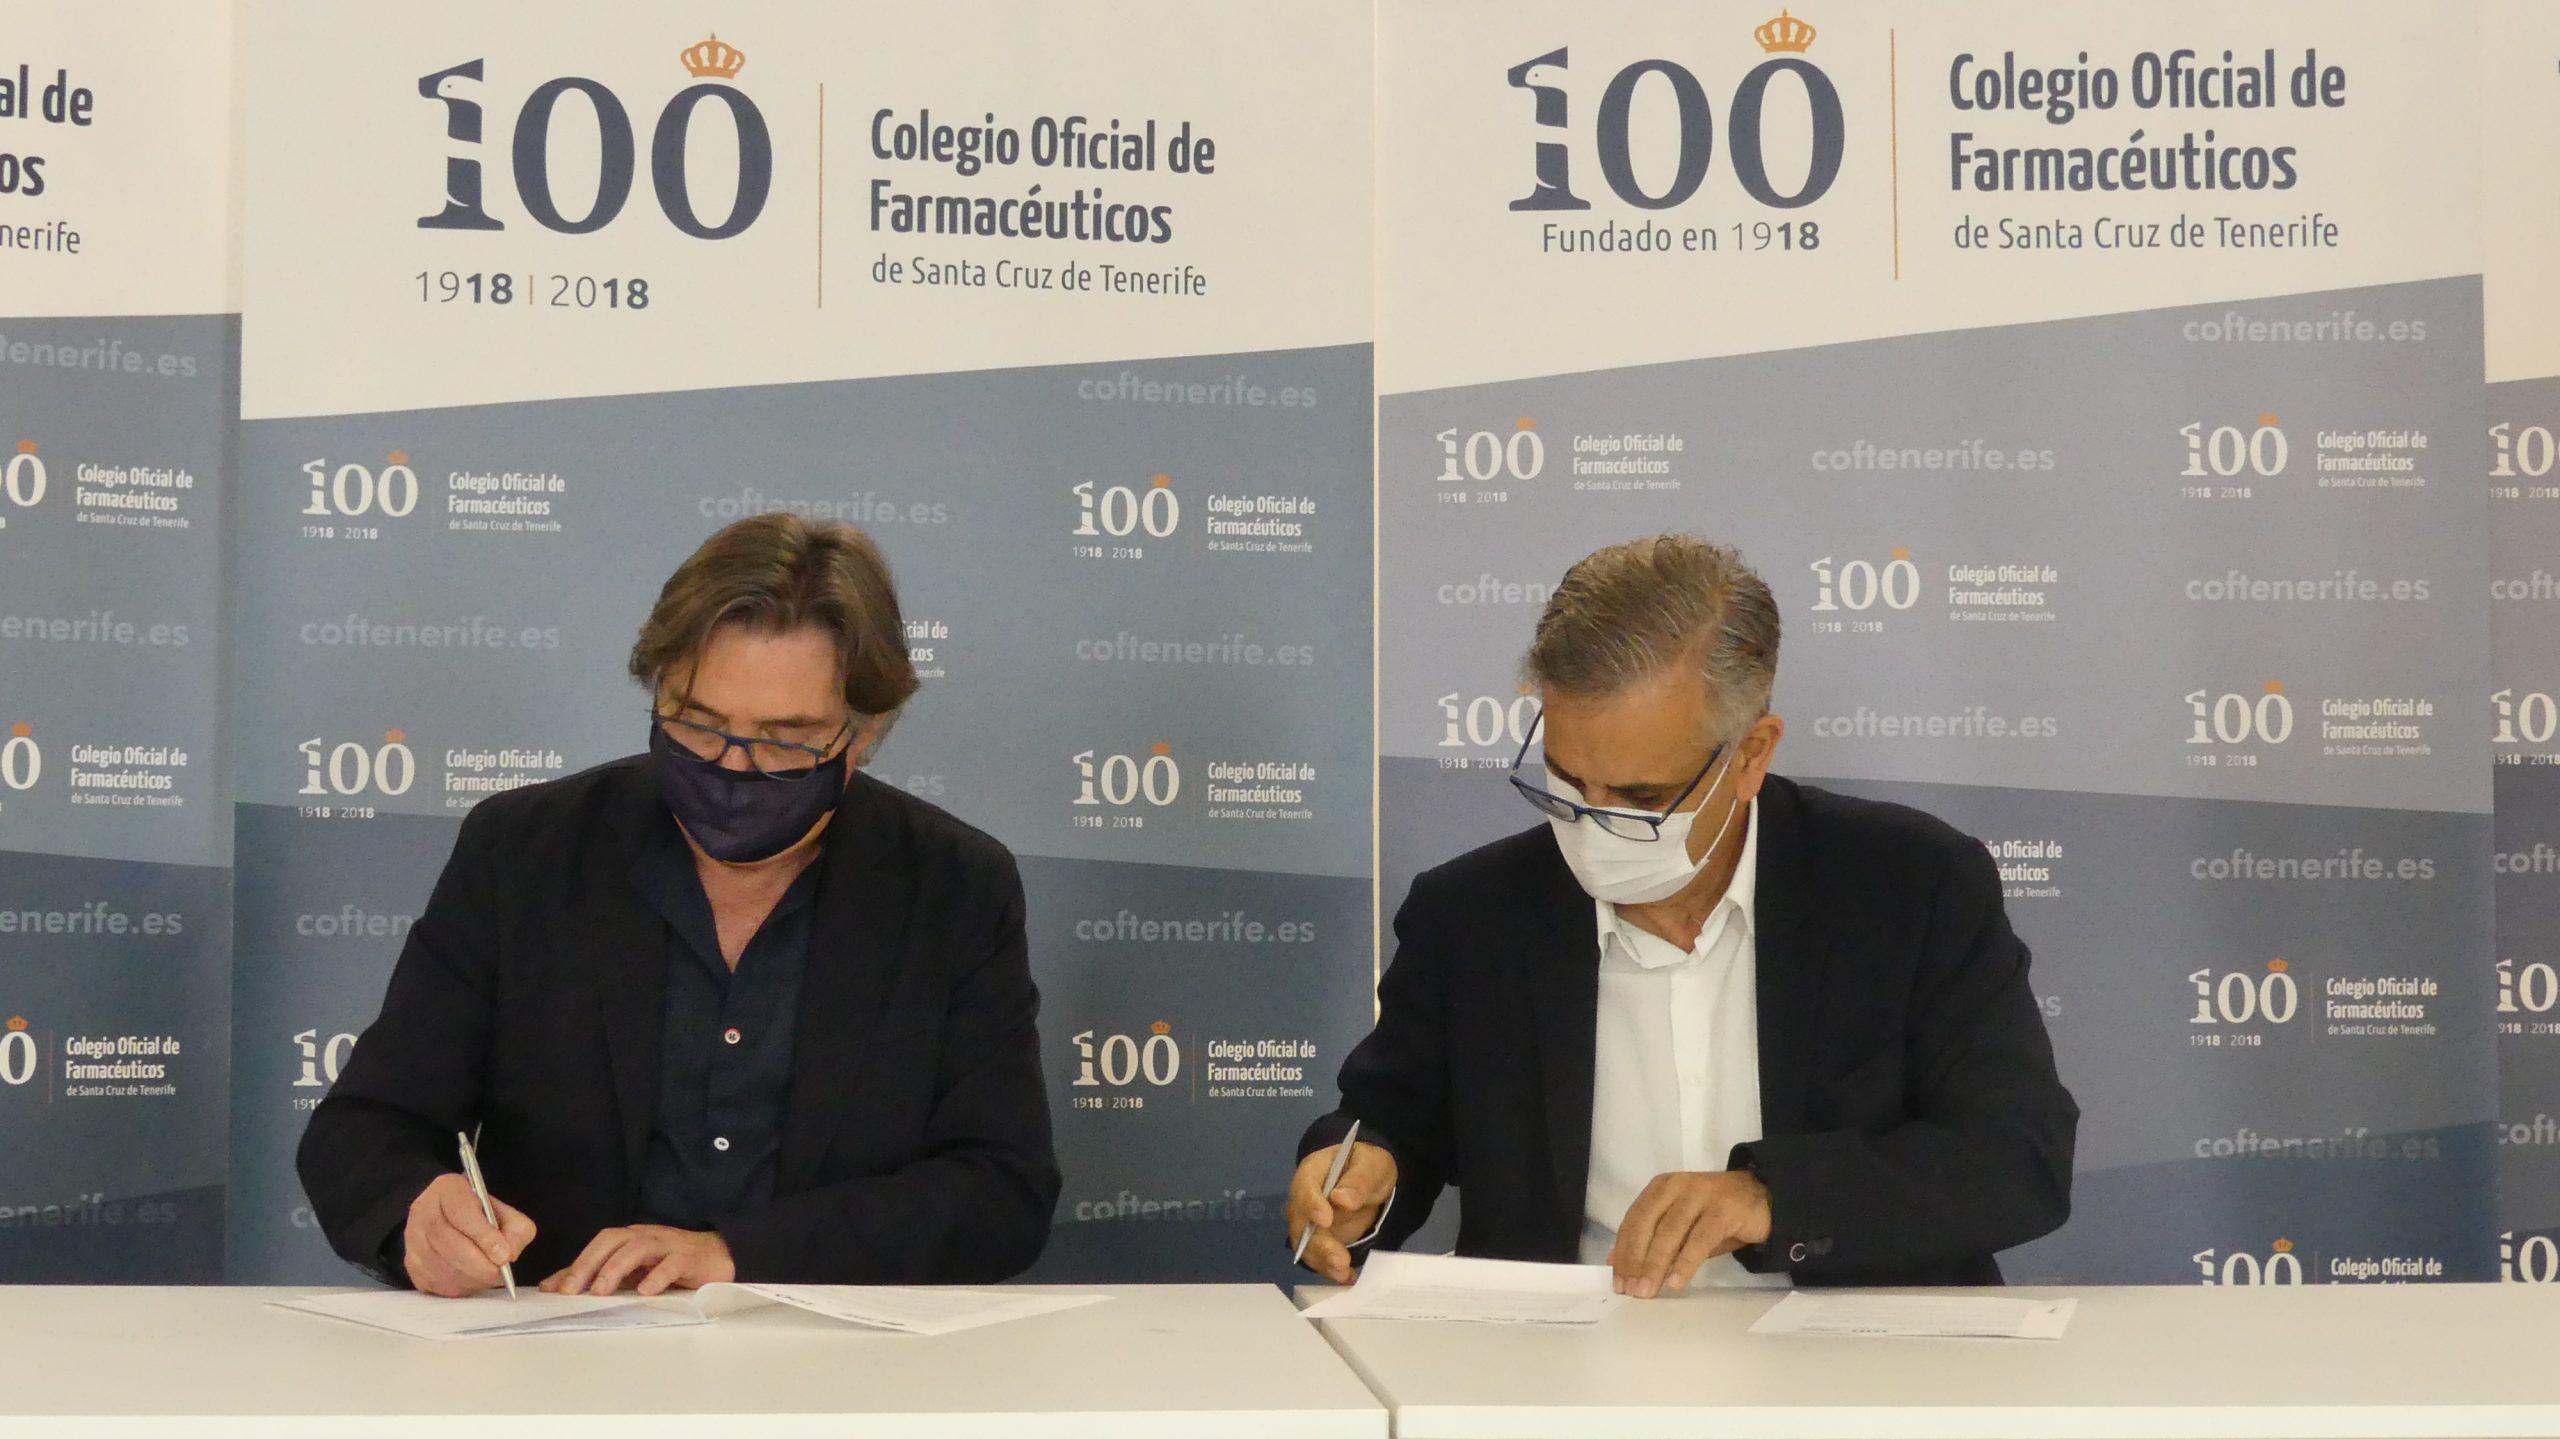 Firma del convenio entre el presidente de Farmamundi, Ricard Troiano i Gomà y el presidente del Colegio Oficial de Farmacéuticos de Tenerife, Manuel Ángel Galván González